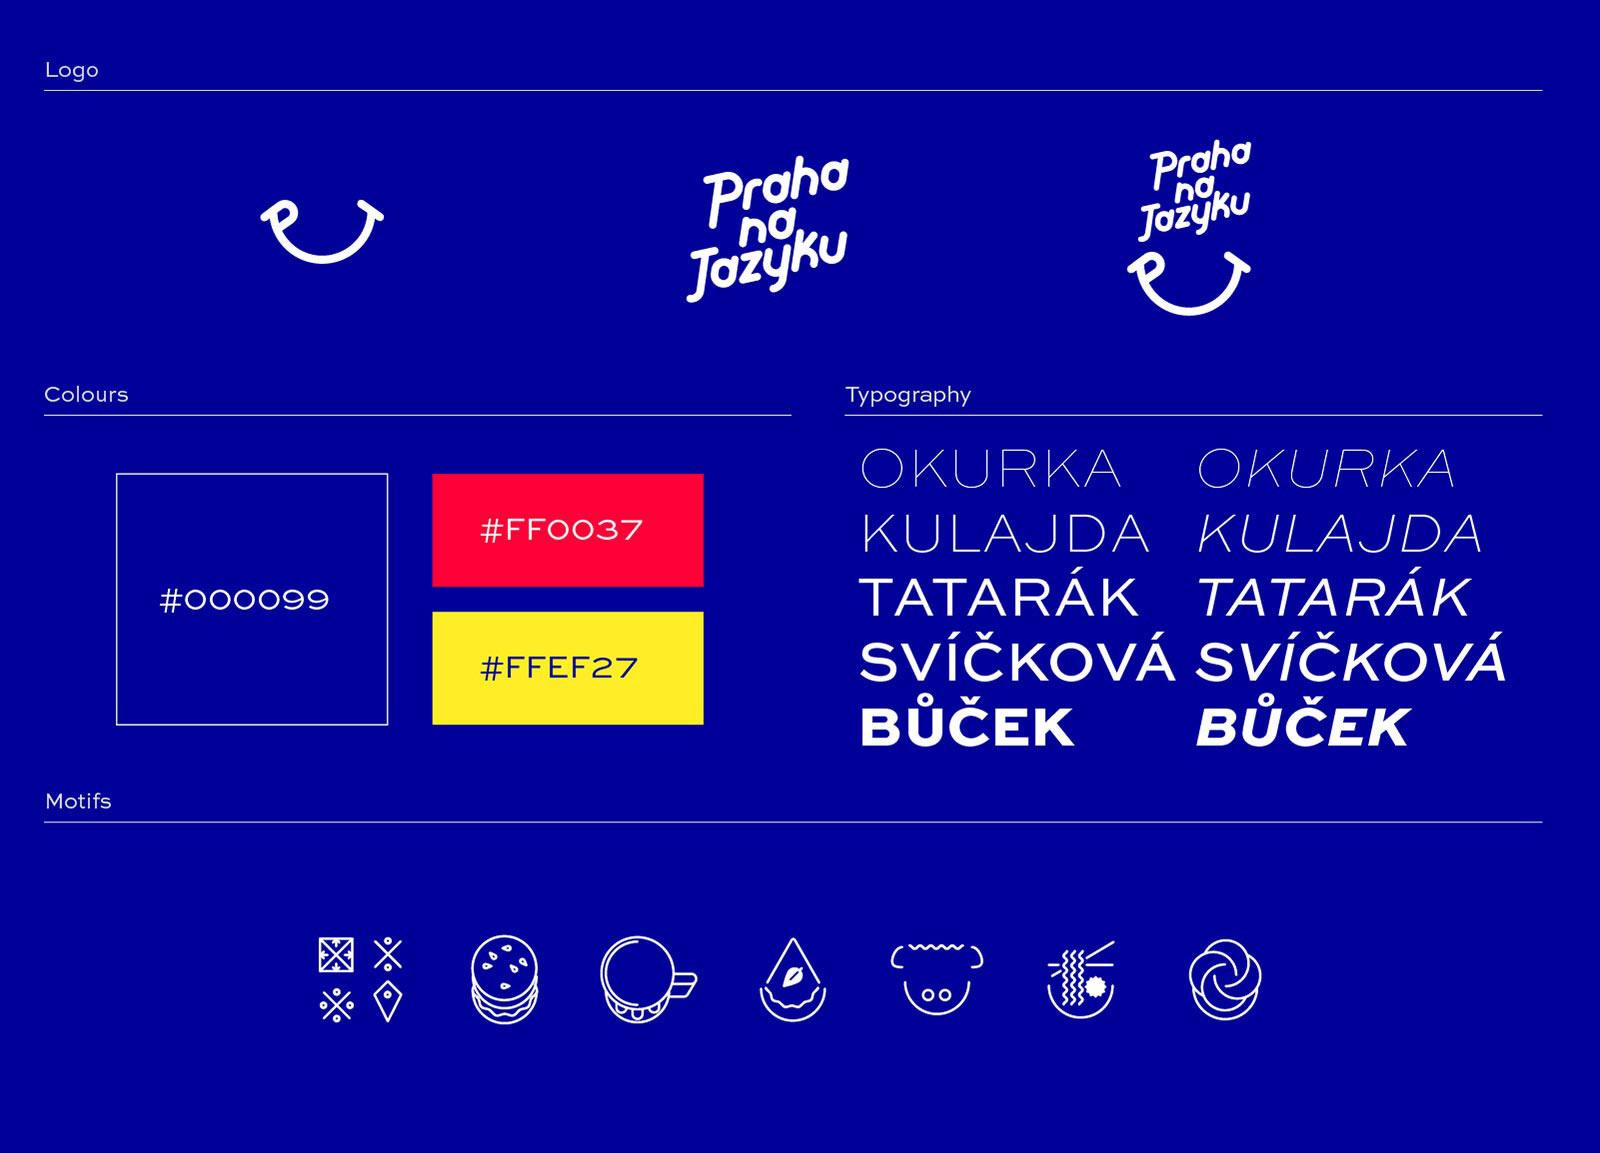 Praha na jazyku brand identity